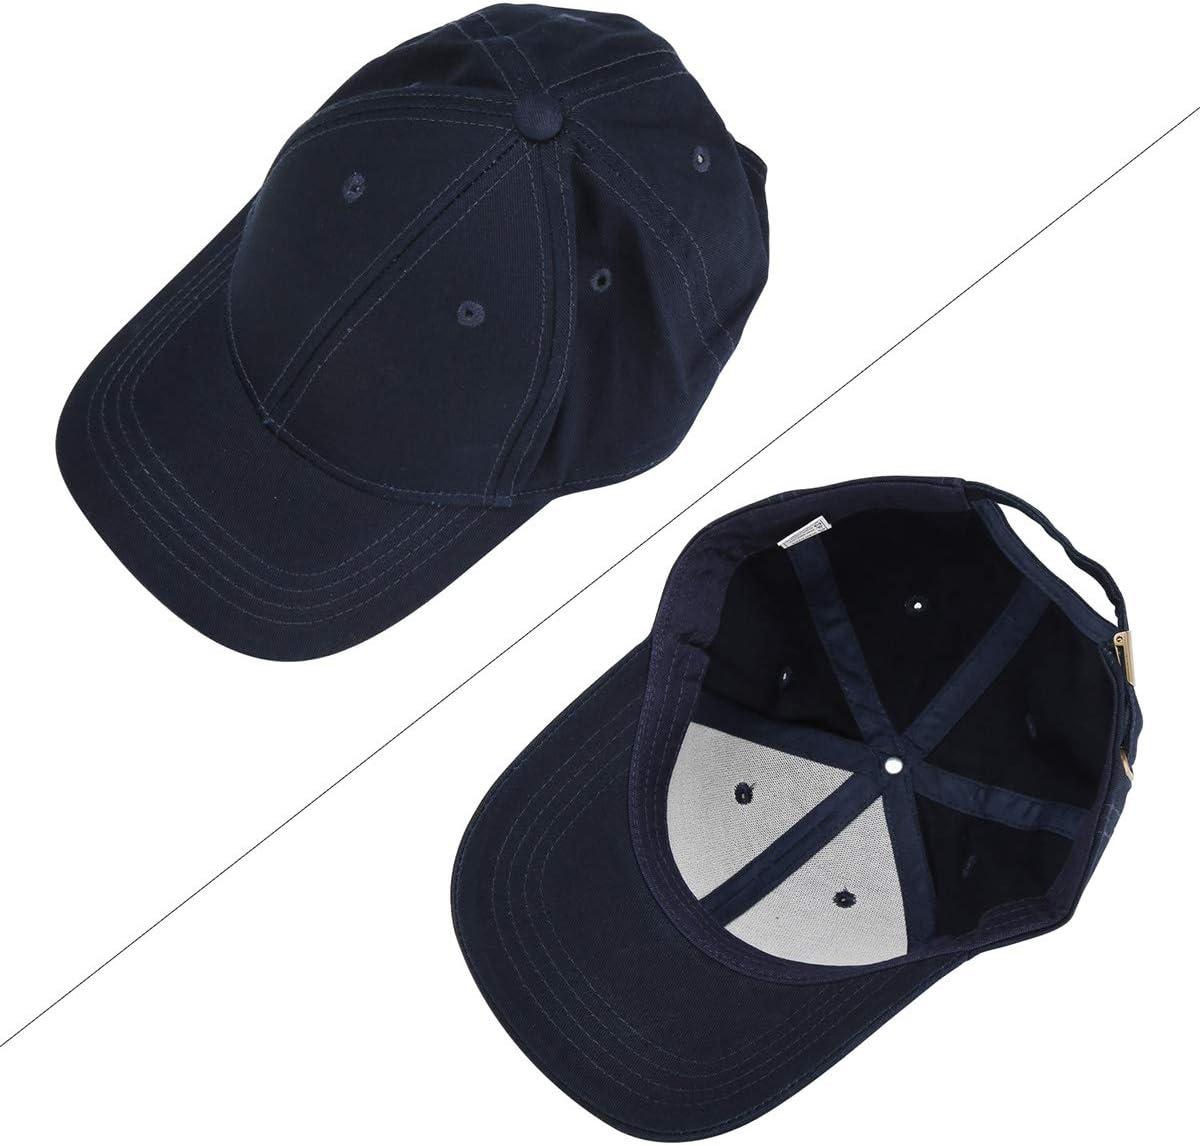 N////A Baseball Kappe Papa Hut K/ünstler Baumwolle H/üte Snapback Unisex Baseball Caps Konzert Hut Hip Hop Stickerei Hut